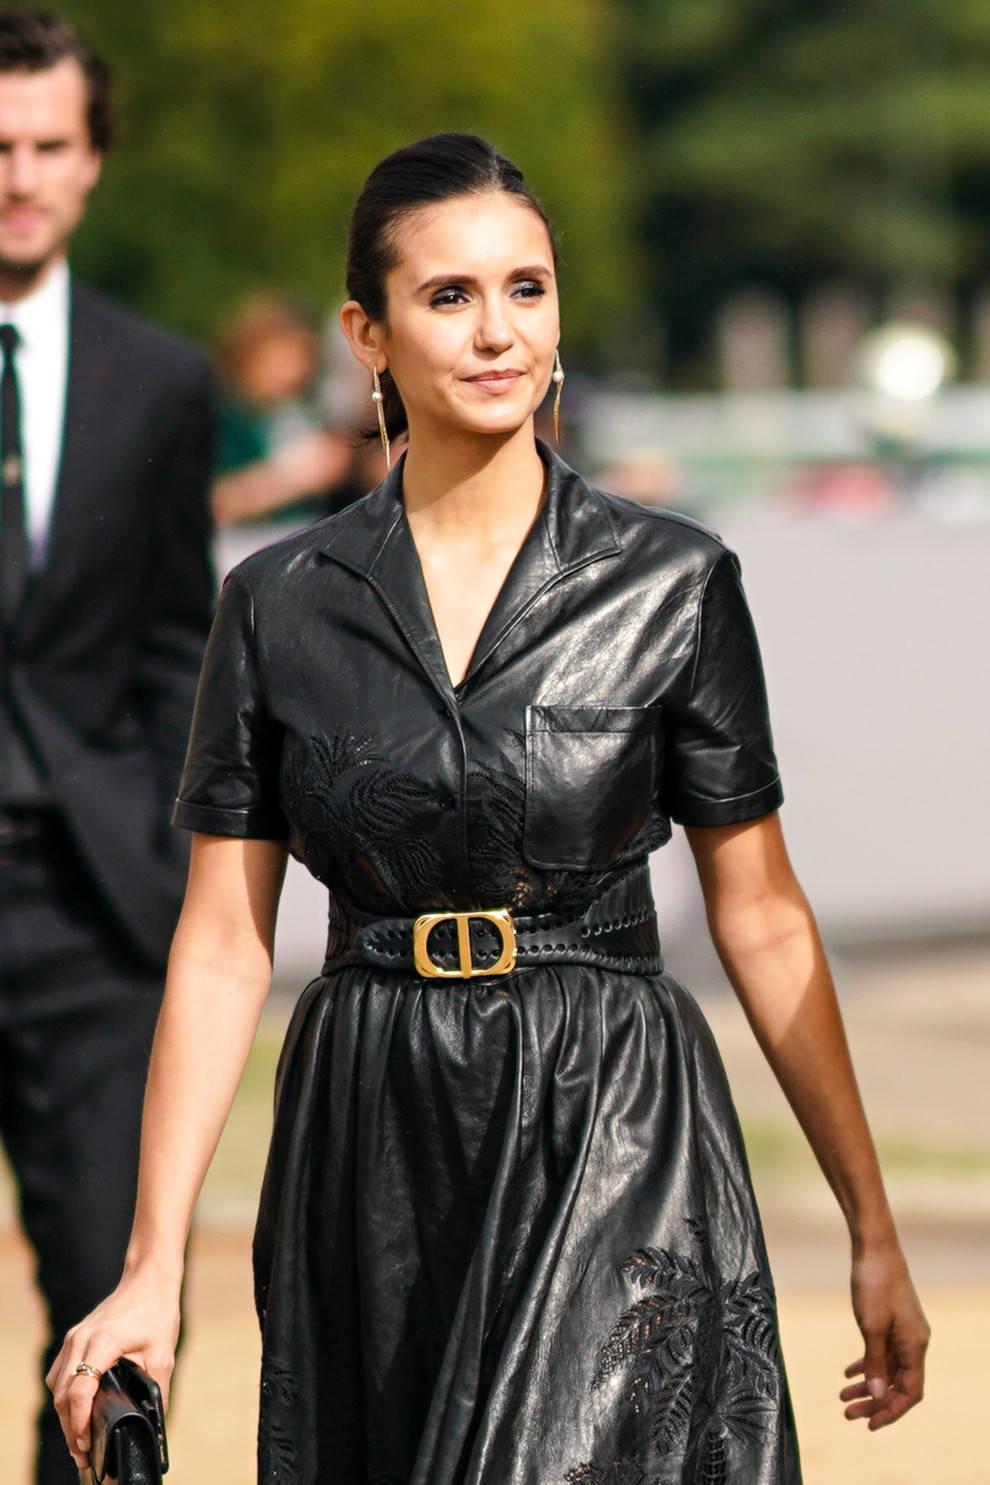 Кожаные платья можно носить каждый день — дизайнеры